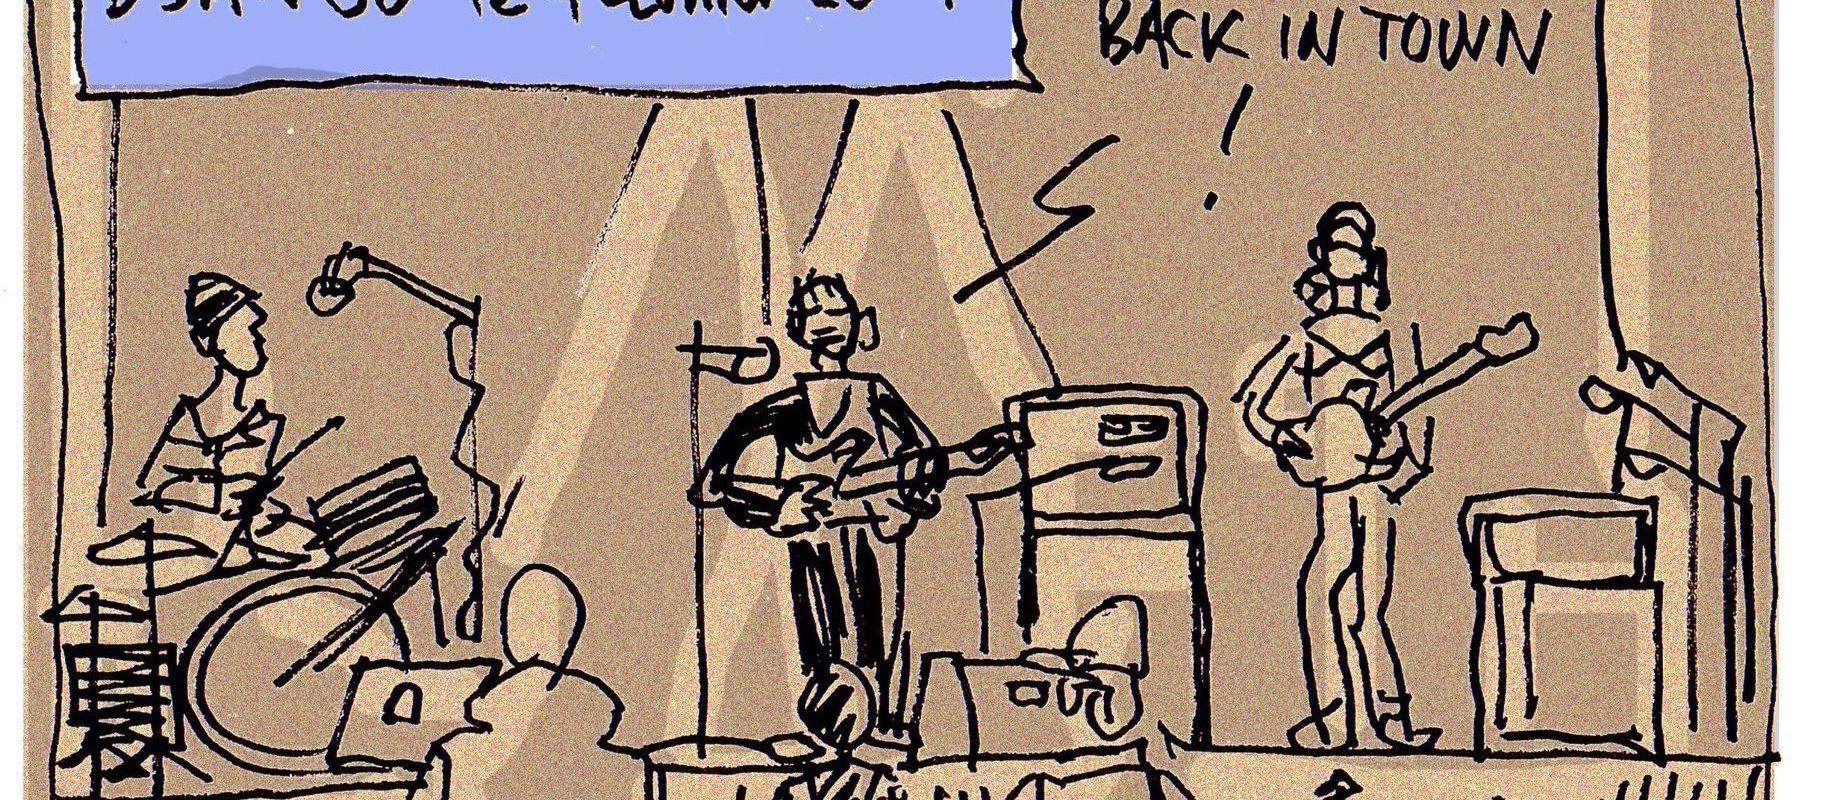 Le concert de OK Coral à Django…